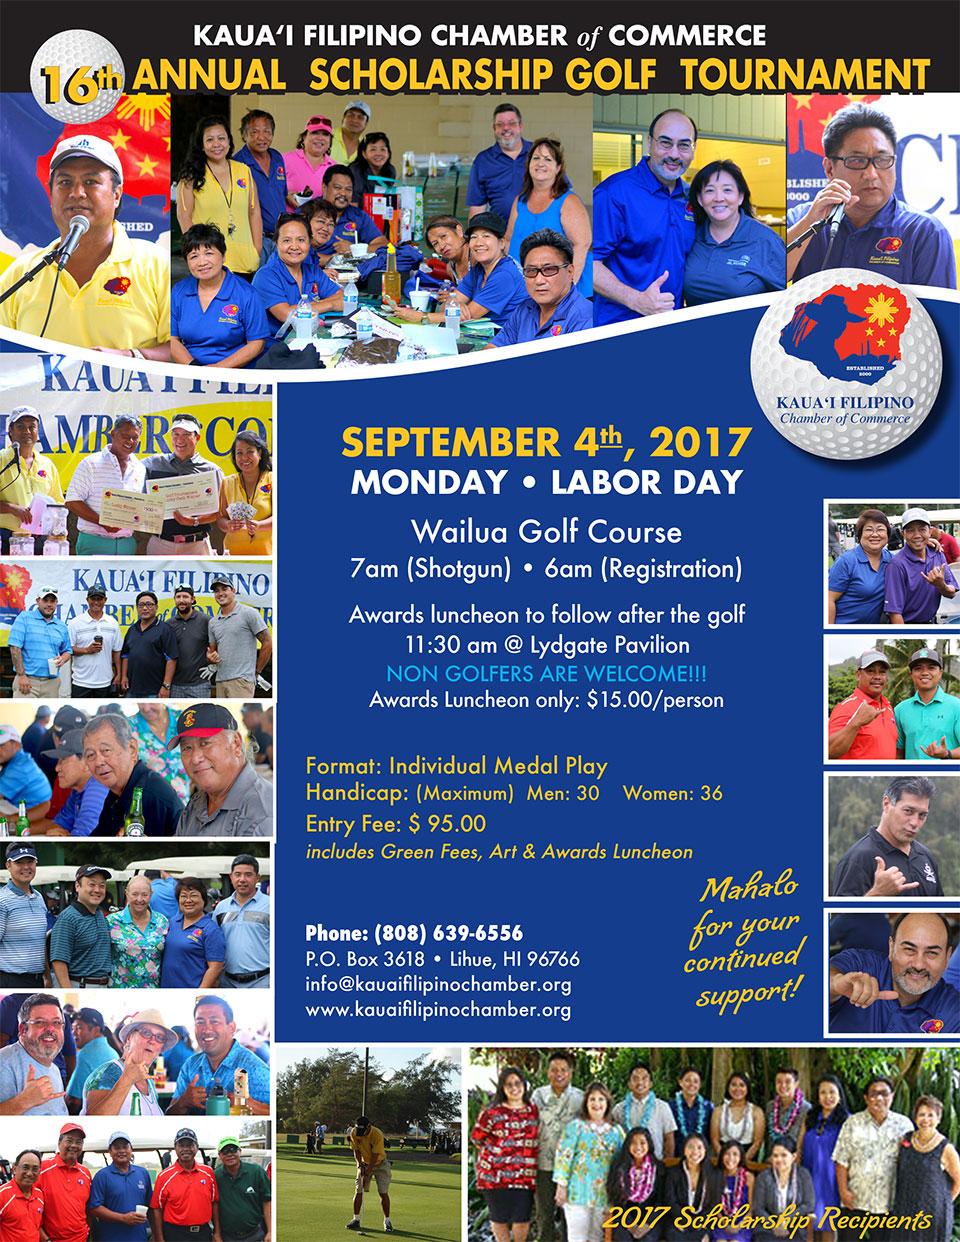 16th Annual Kauai Filipino Chamber of Commerce Scholarship Golf Tournament